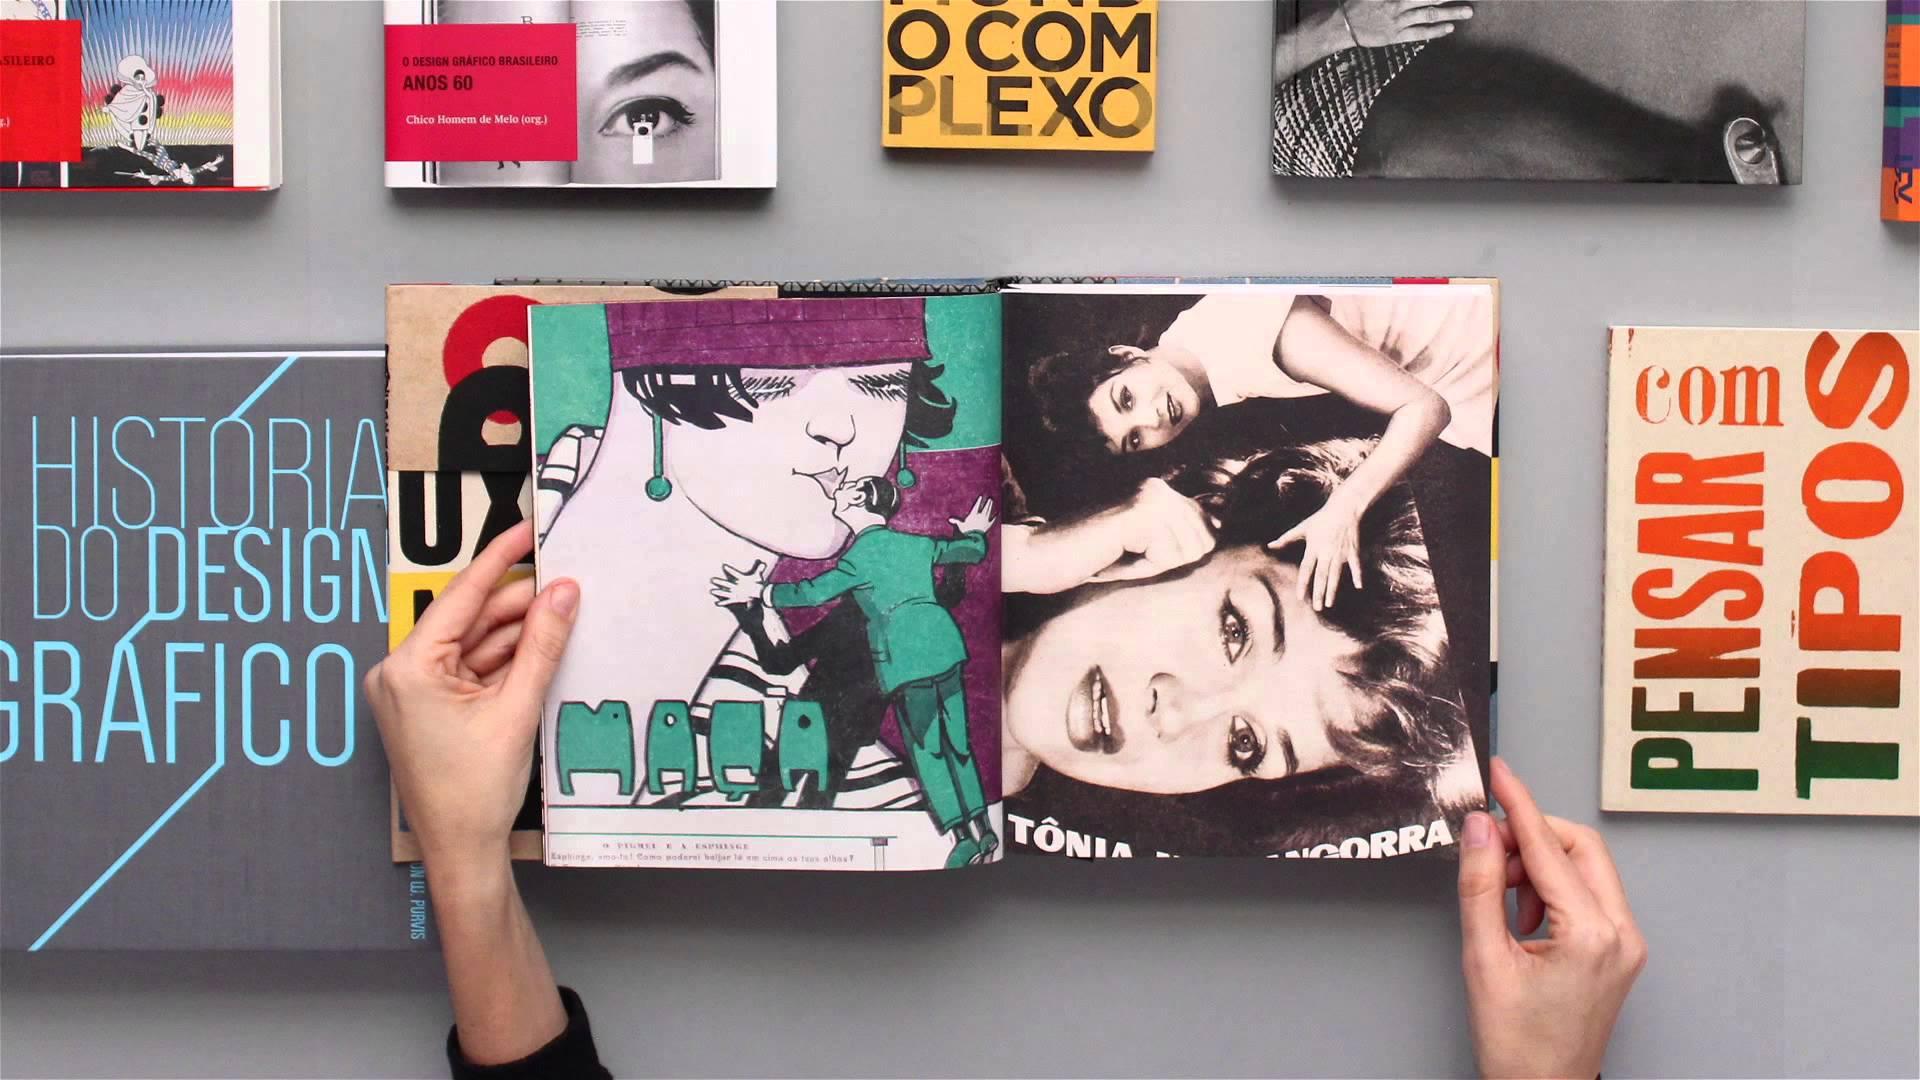 O qualificado acabamento gráfico das publicações da Cosac Naify era uma das marcas da editora (Foto: Cosac Naify)